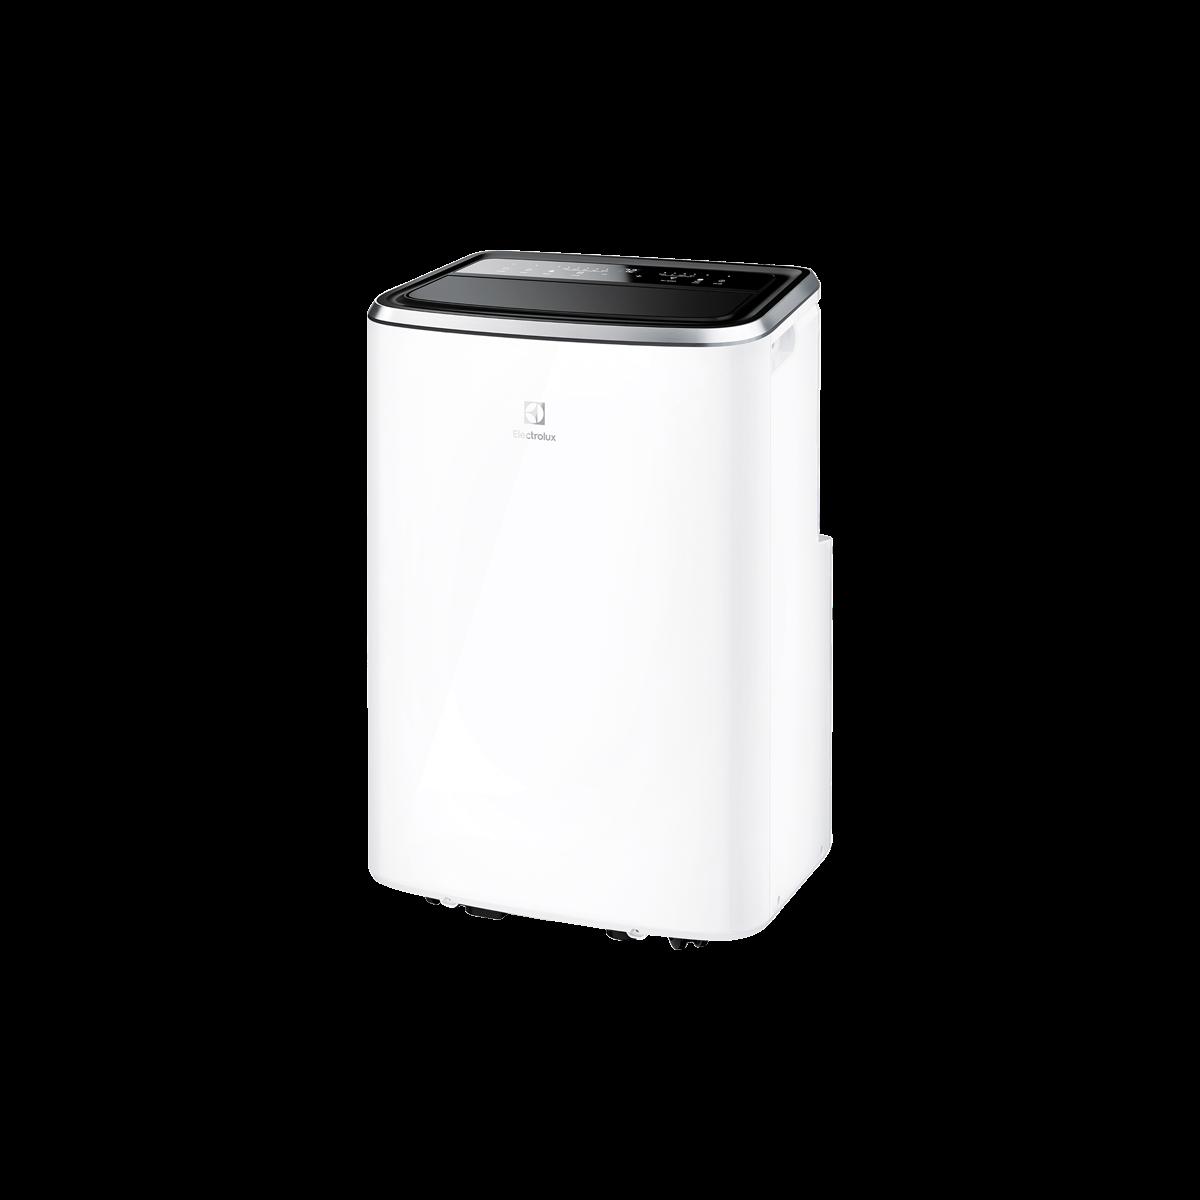 Climatiseur ChillFlex Pro A - EXP26U338HW